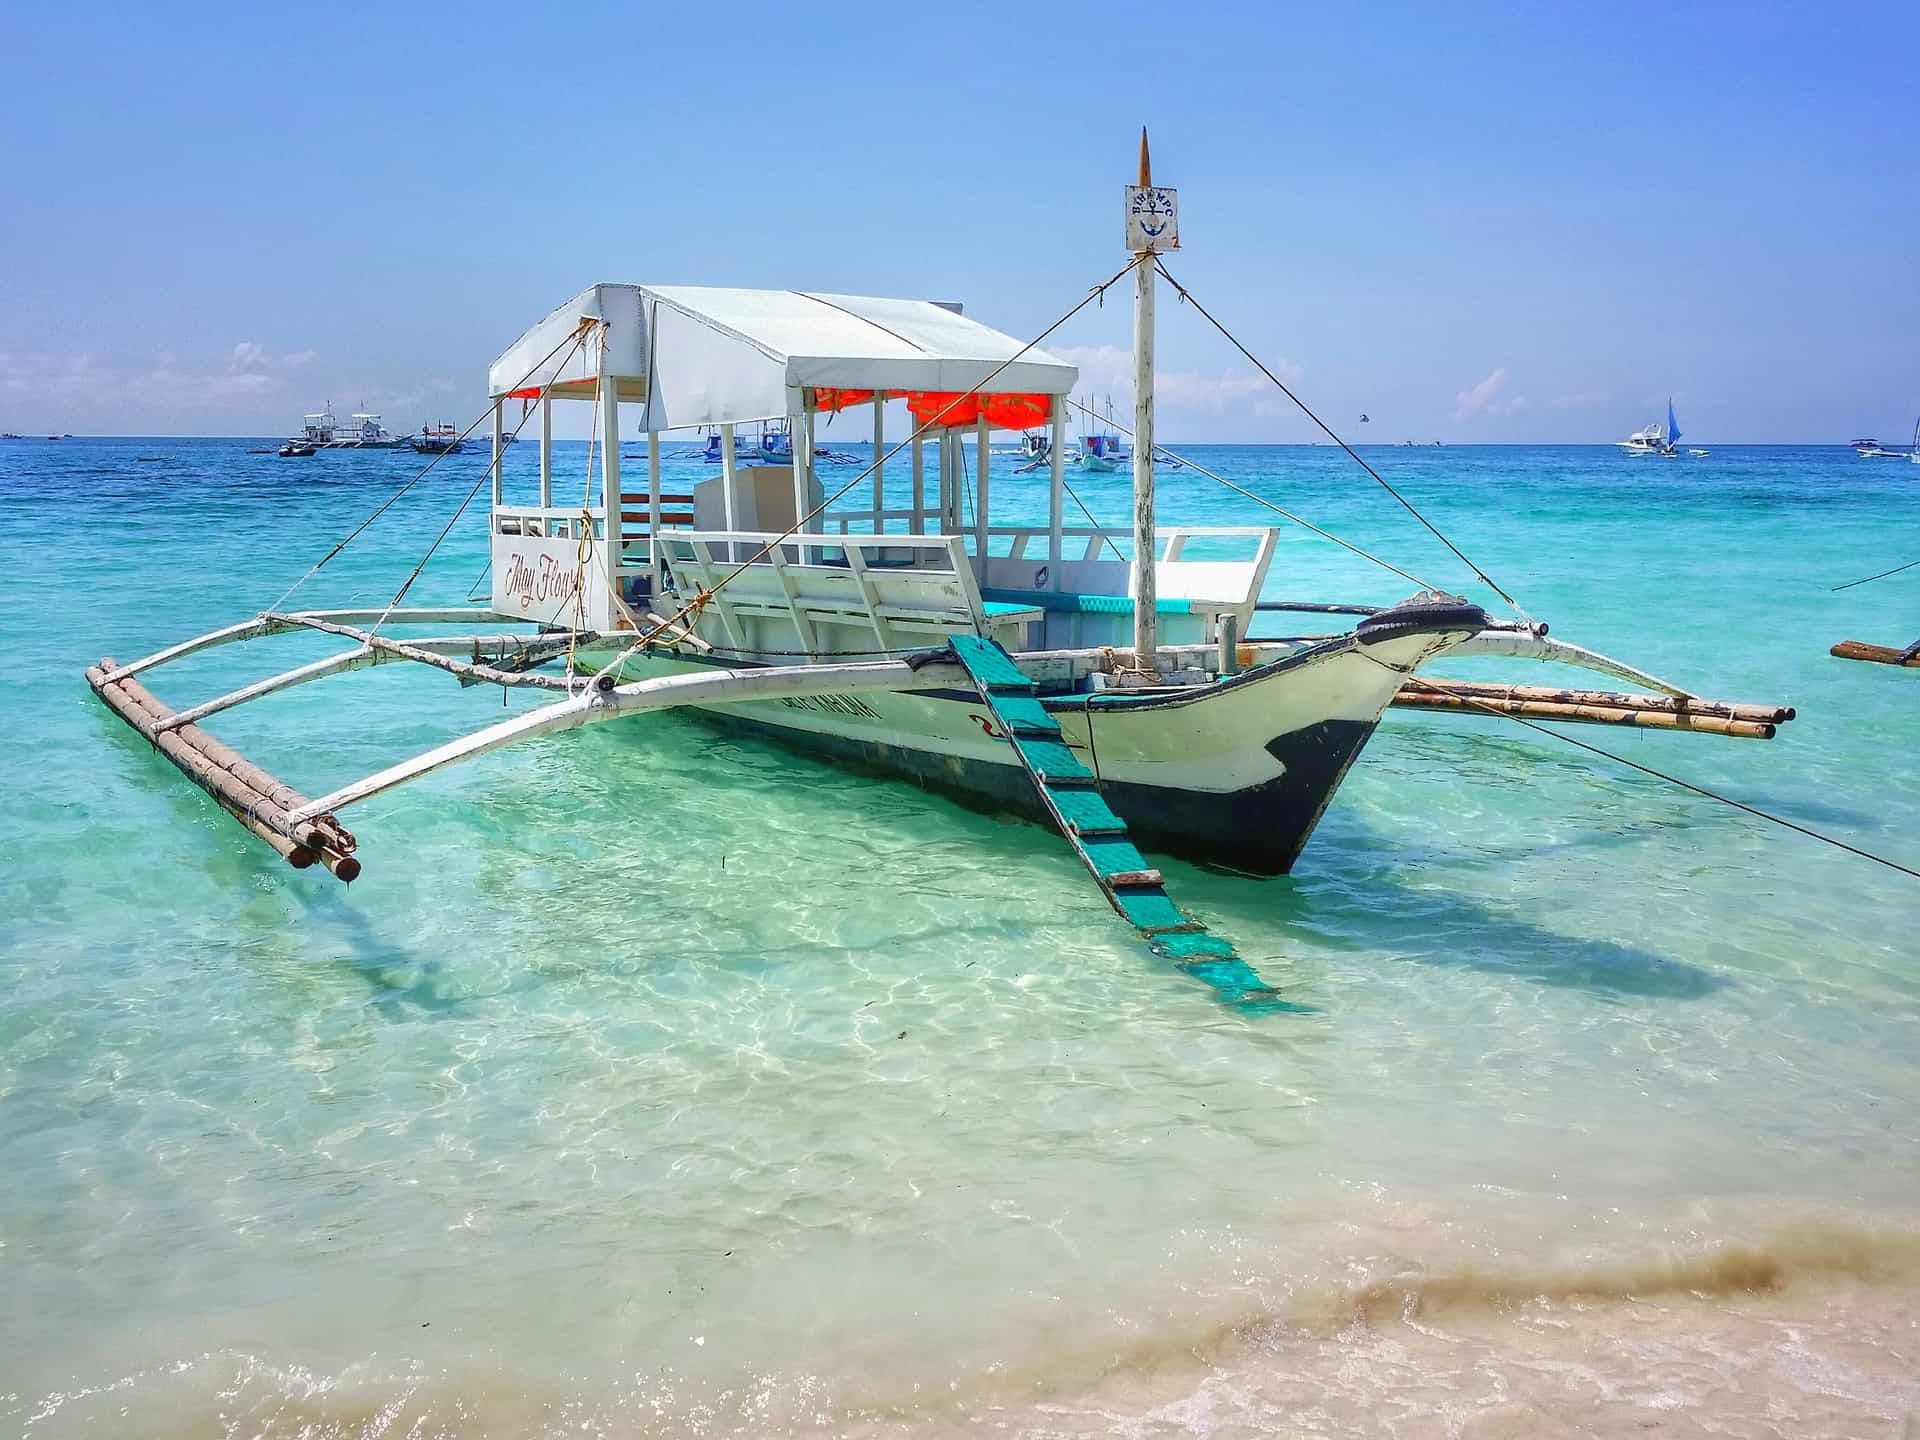 Philippinen Hotel Deals - nur 29,00€ die Nacht Urlaub in Asien